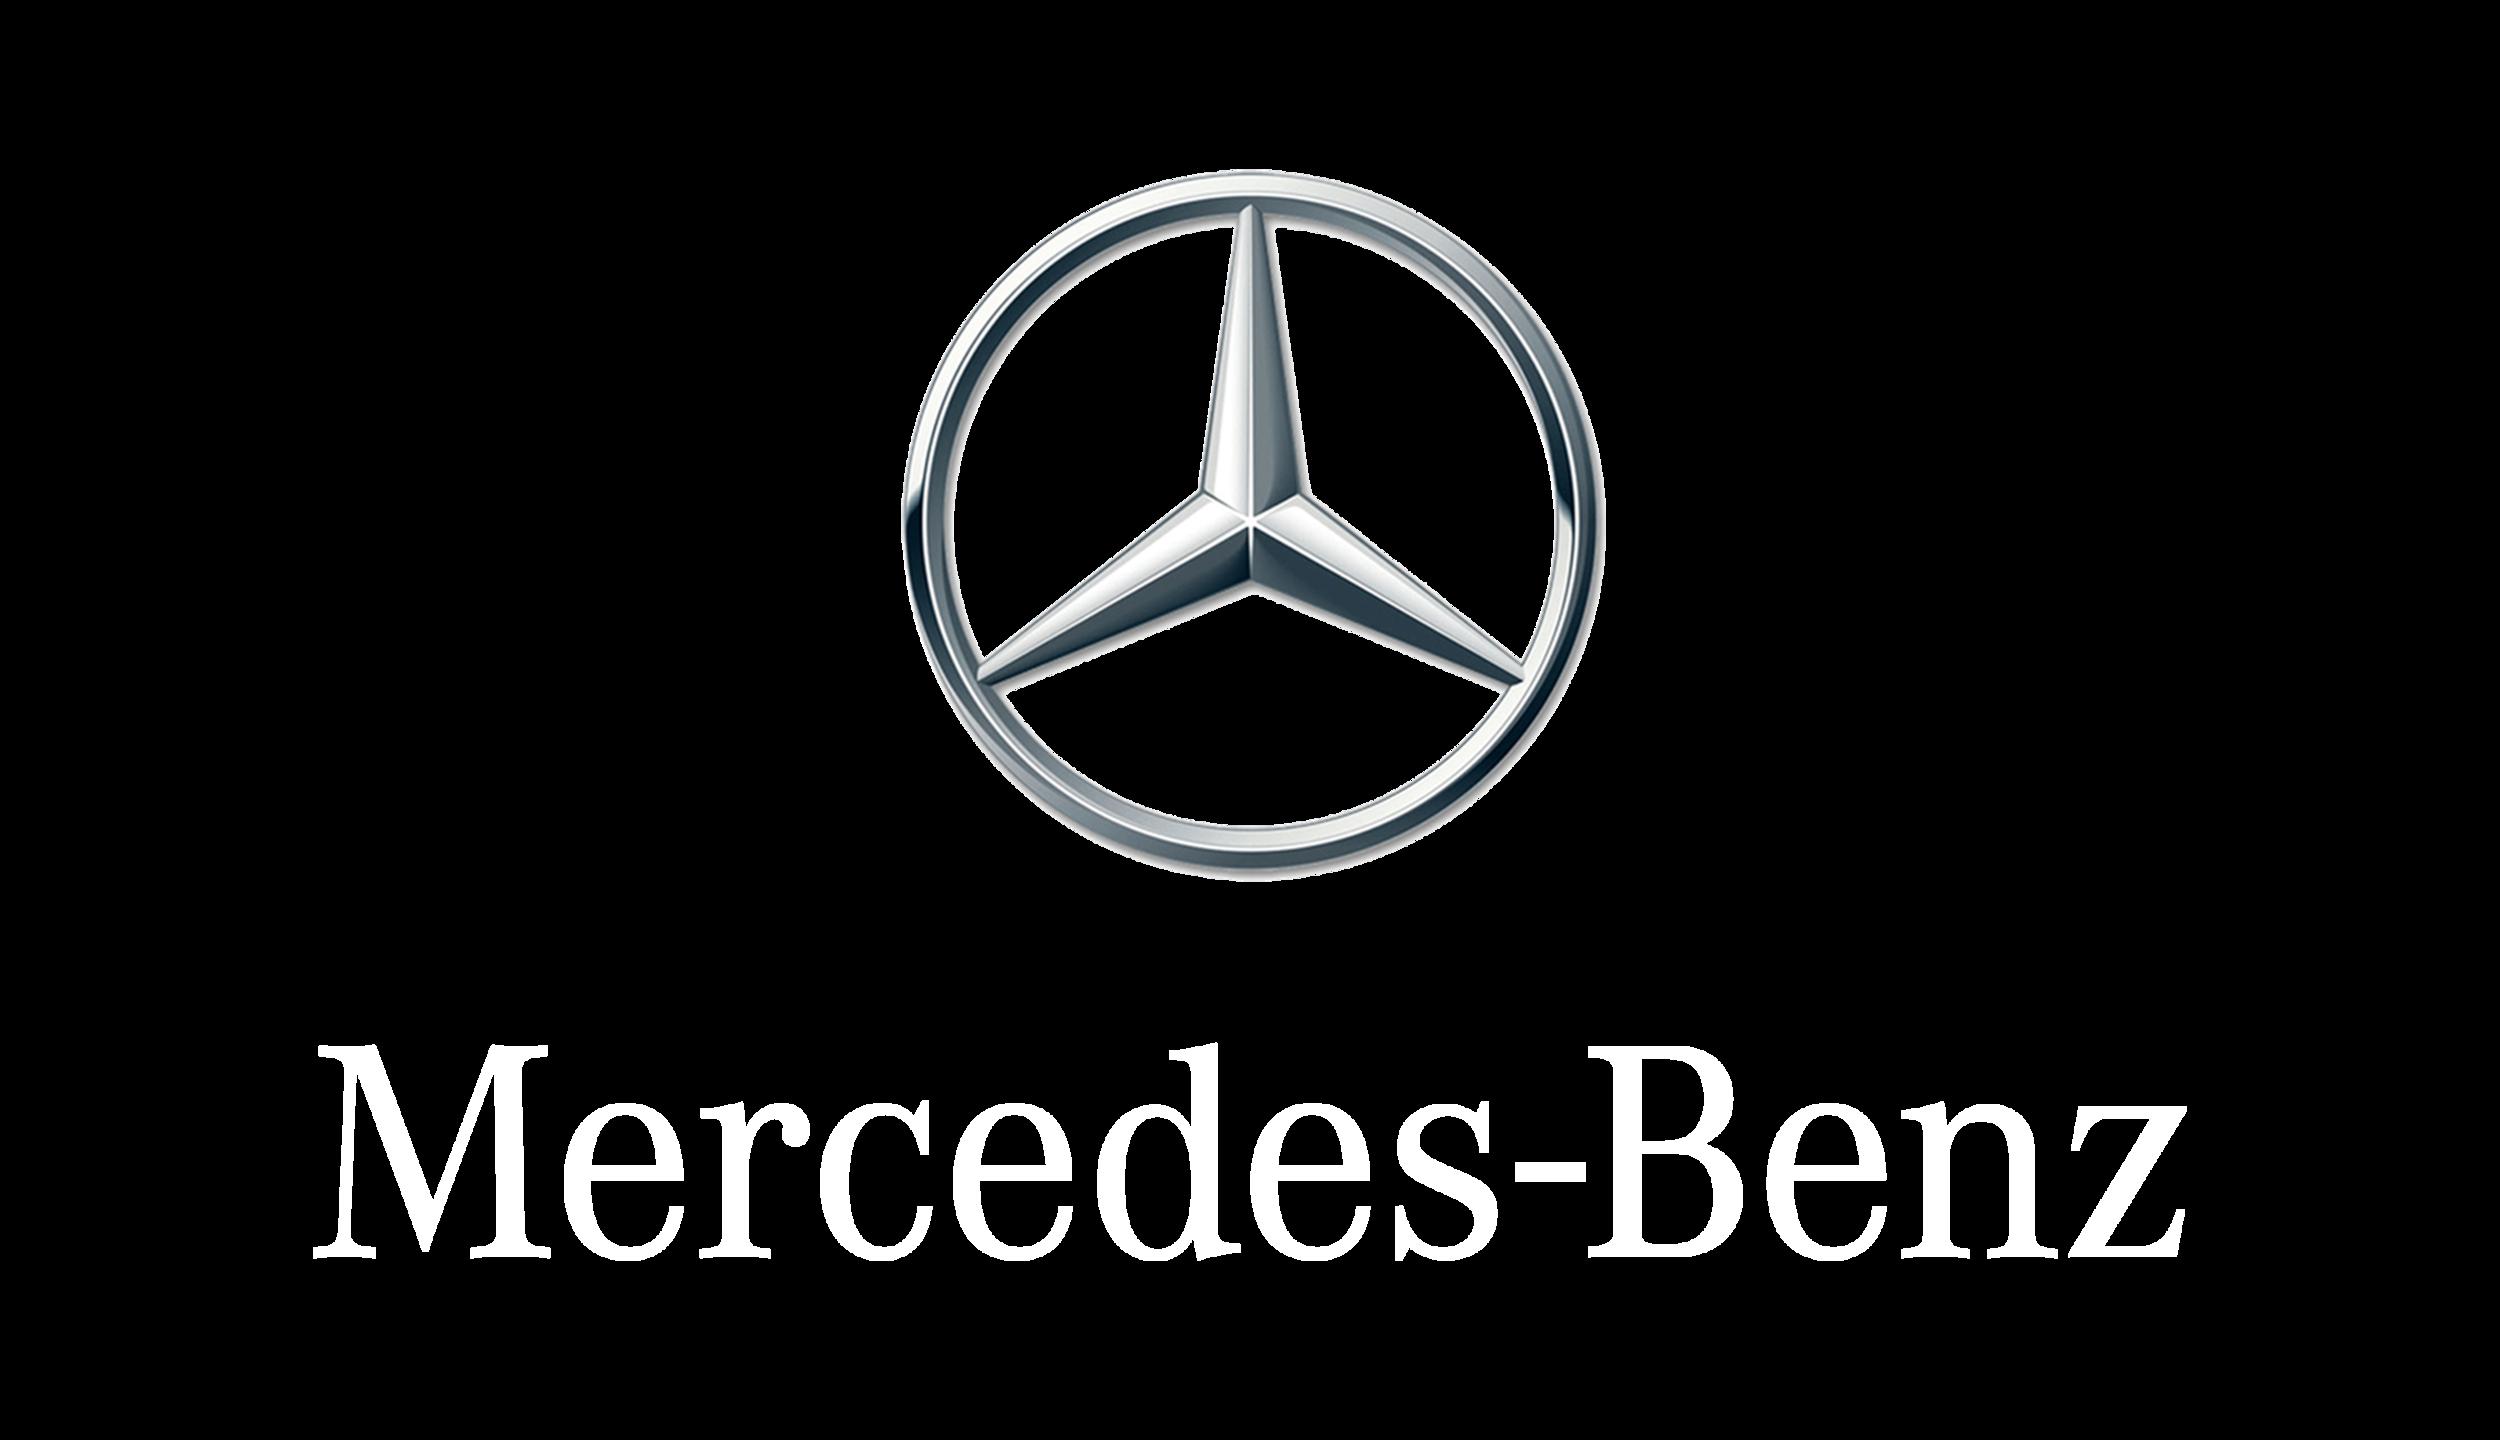 Mercedes-Benz-PNG-HD.png